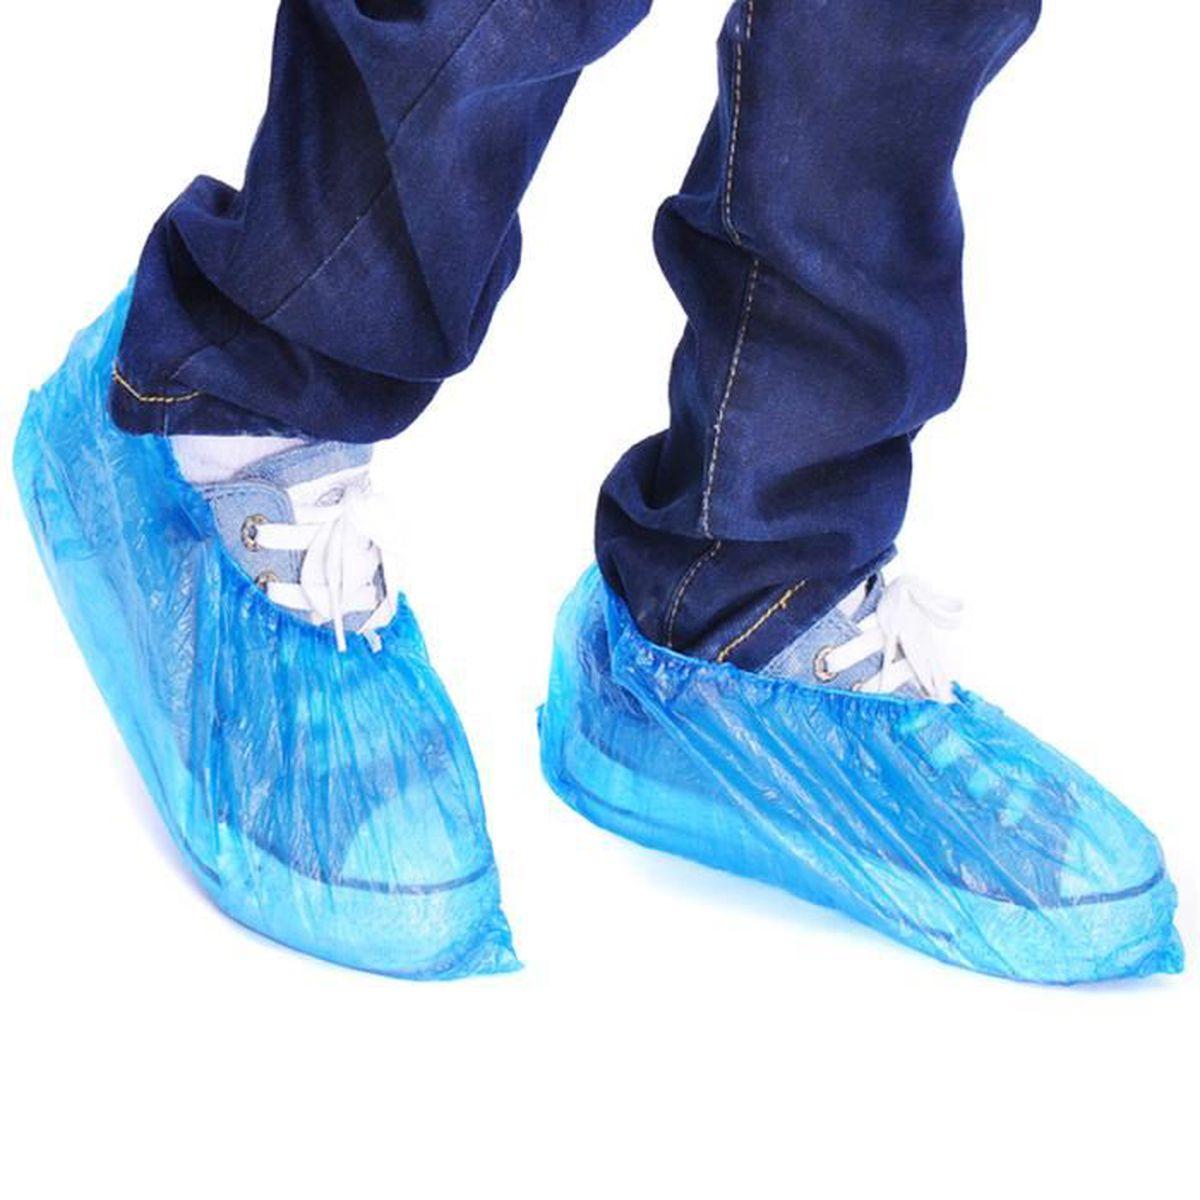 200 jetables plastique bleu anti dérapante chaussures couvre nettoyage overshoes de protection